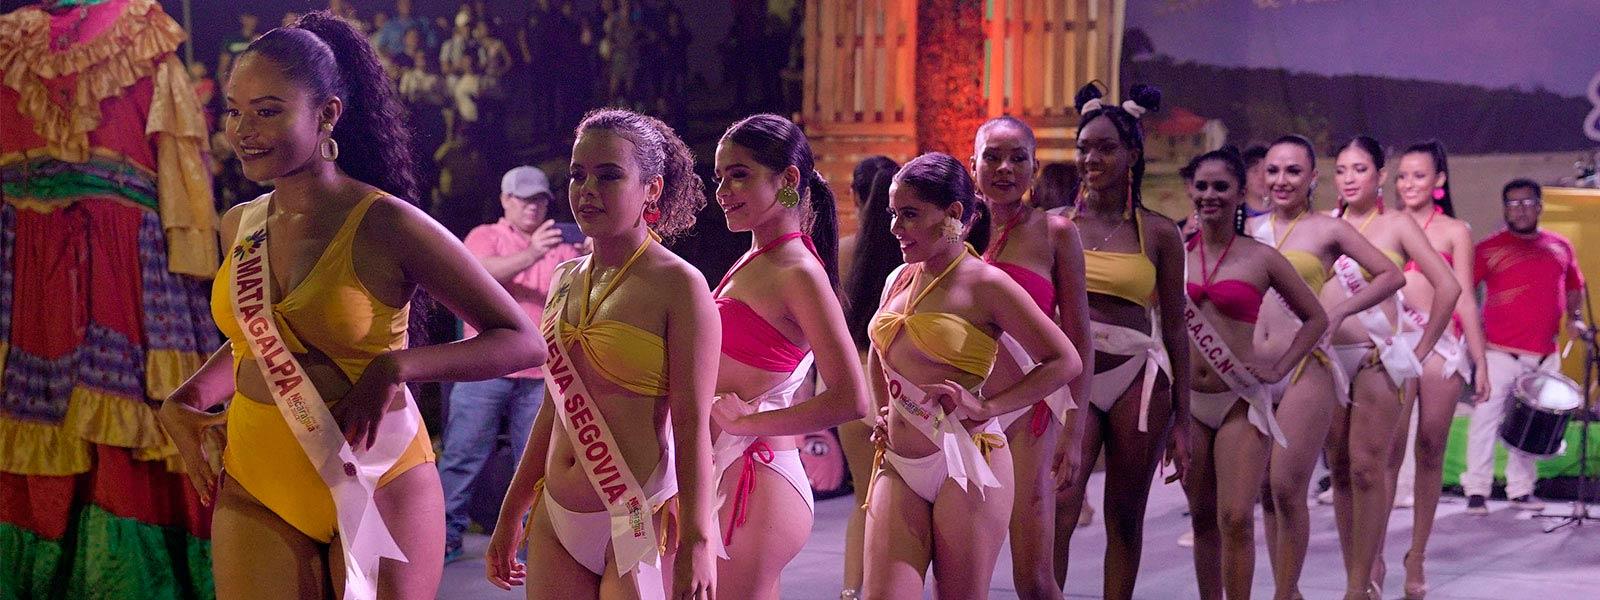 Raccs-Miss-Verano-2020